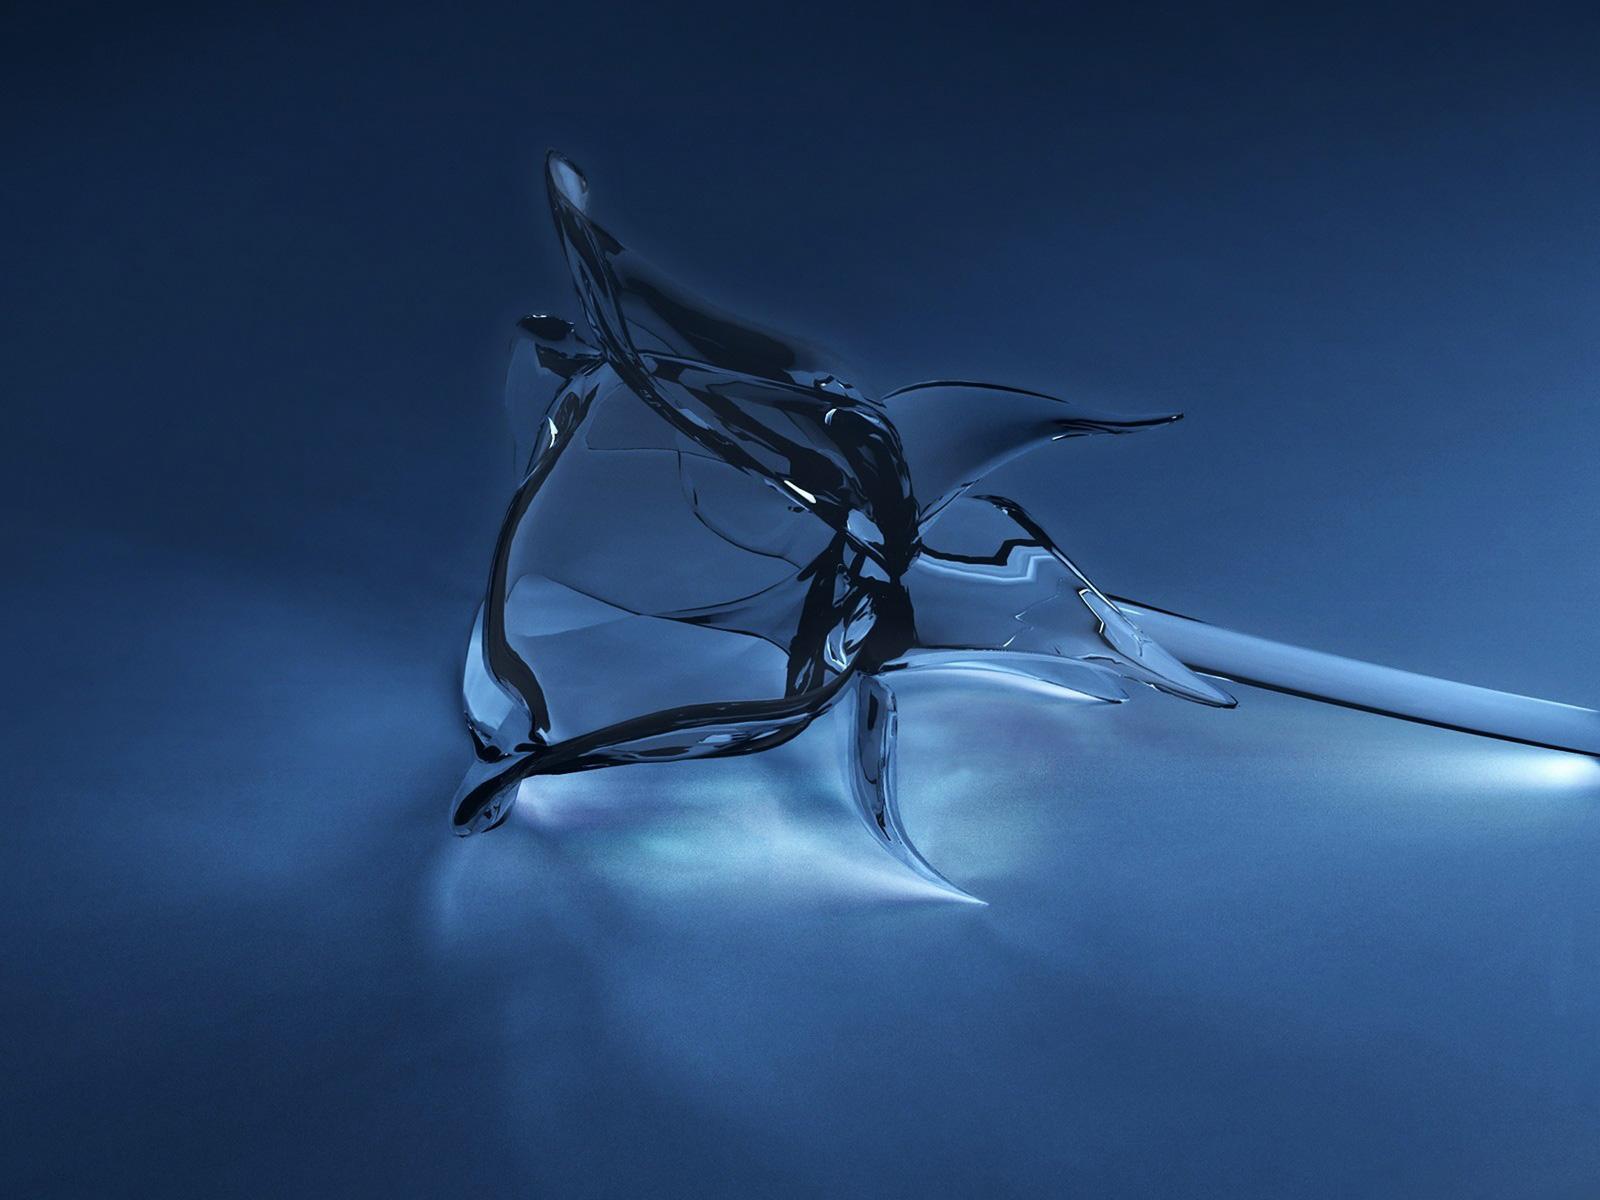 http://4.bp.blogspot.com/-QqcJWCsK7Hw/ULOnXY84QWI/AAAAAAAAI0k/-umM--XKlZE/s1600/Glass-Rose-3D-Concept-Wallpaper.jpg